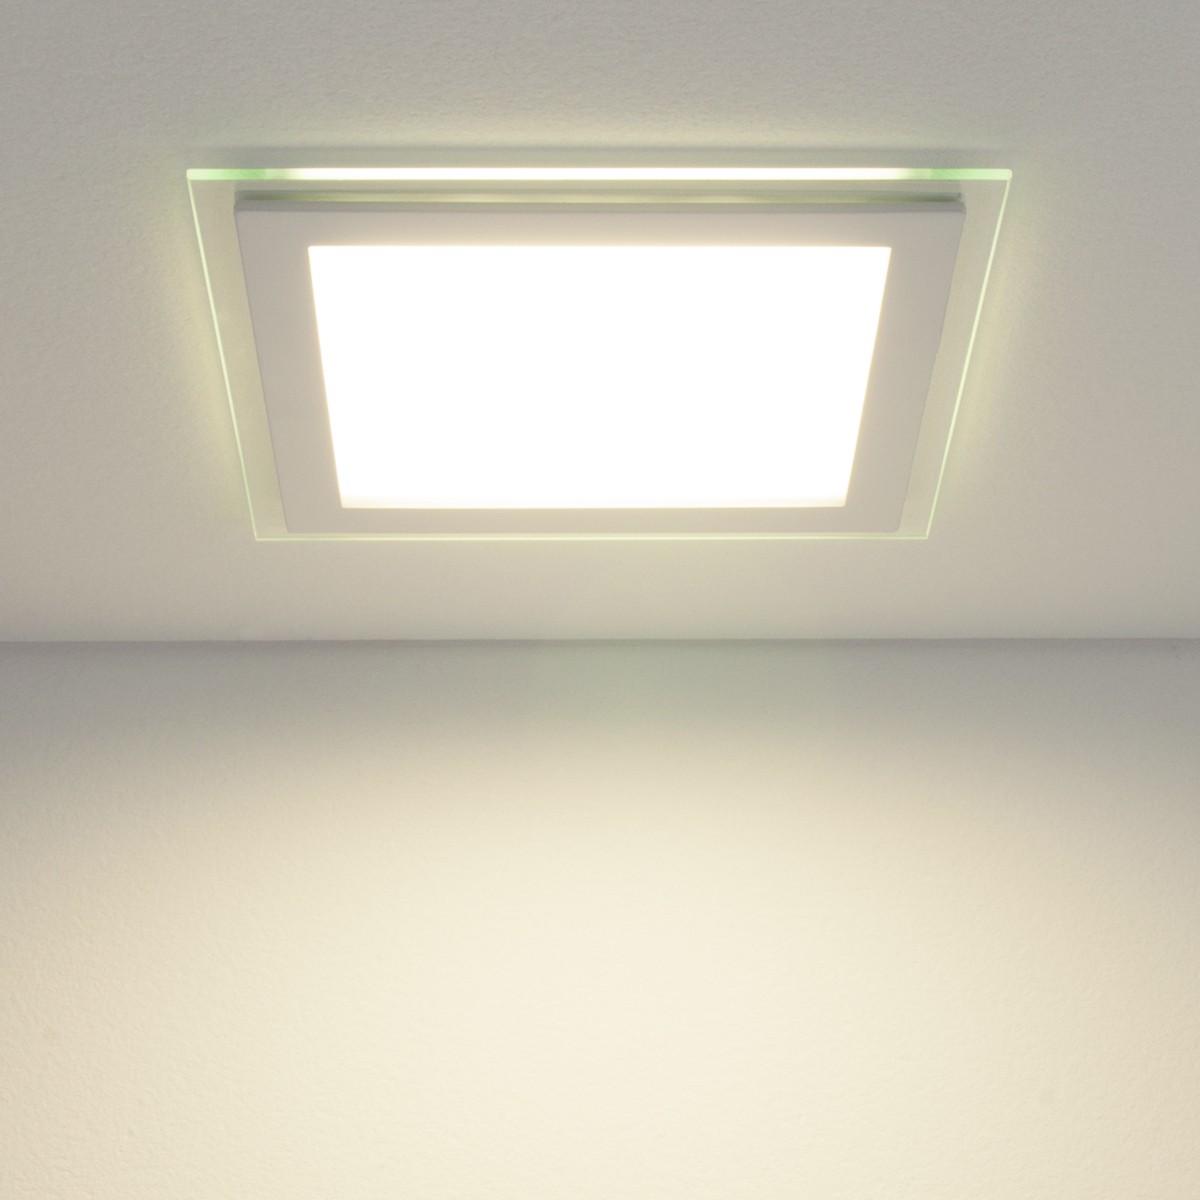 Фото Встраиваемый светильник Downlight a031837